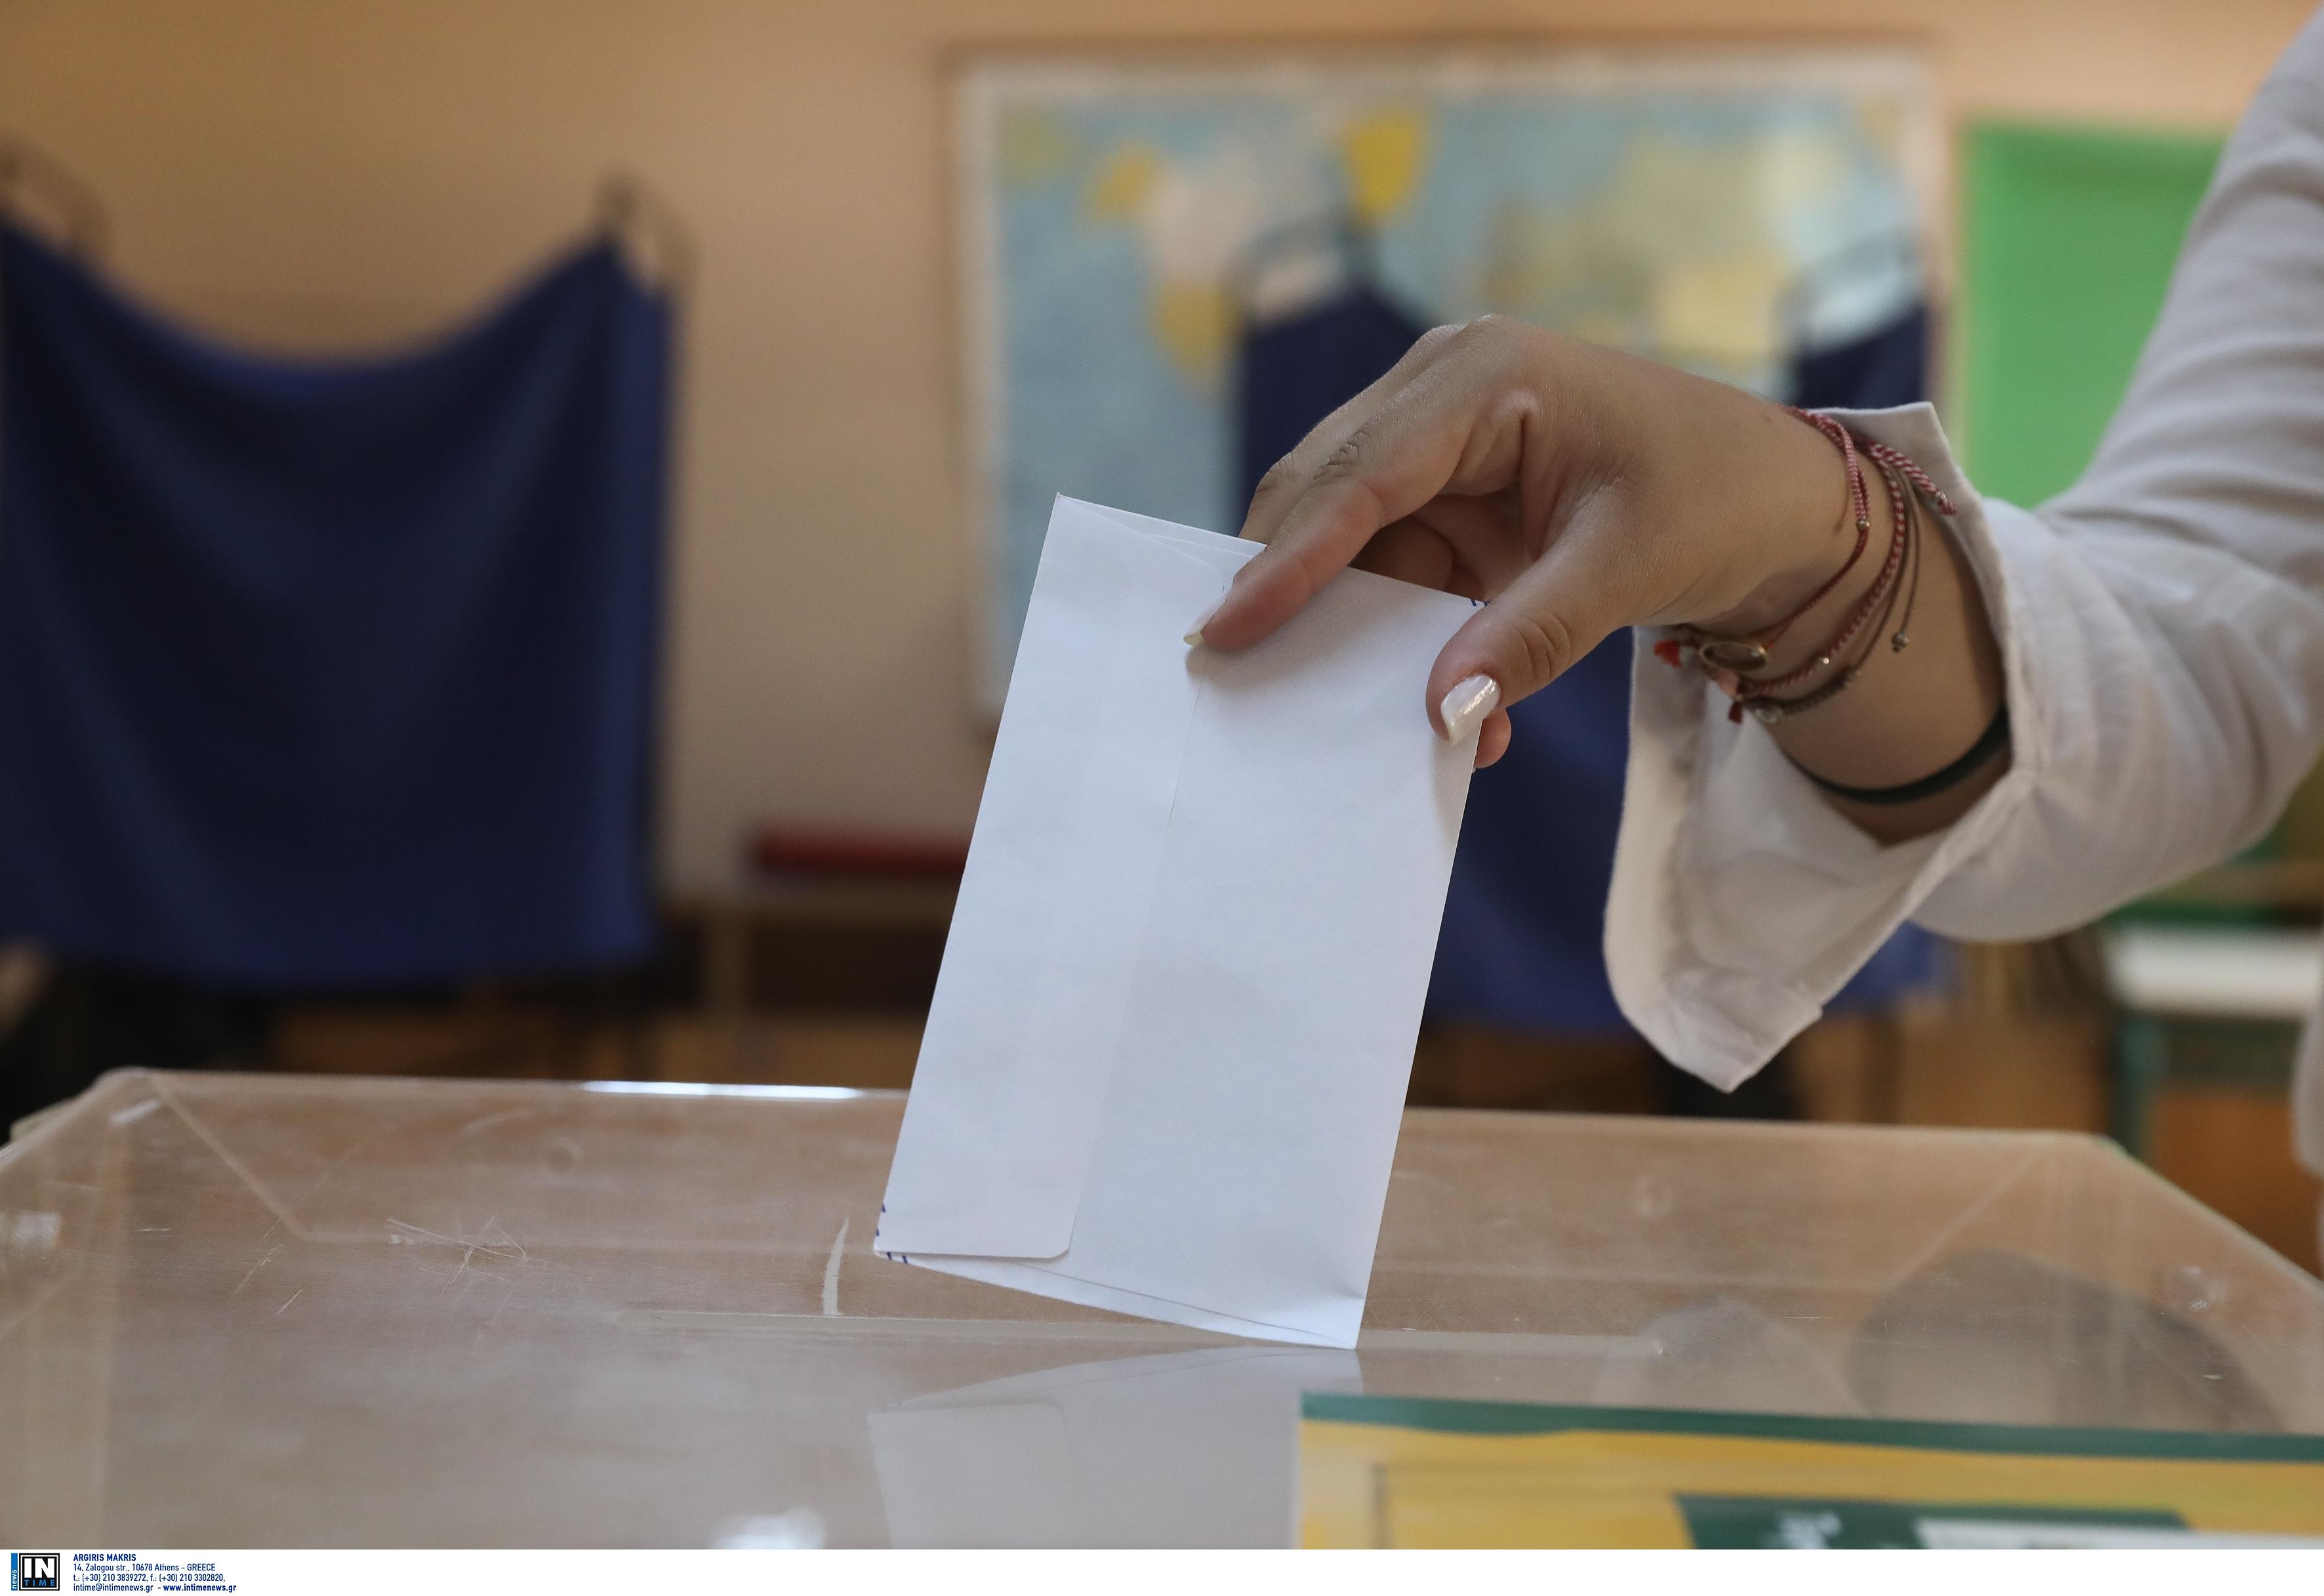 Δημοτικές και Περιφερειακές εκλογές: Εννέα αλλαγές που θα ισχύσουν από το 2023